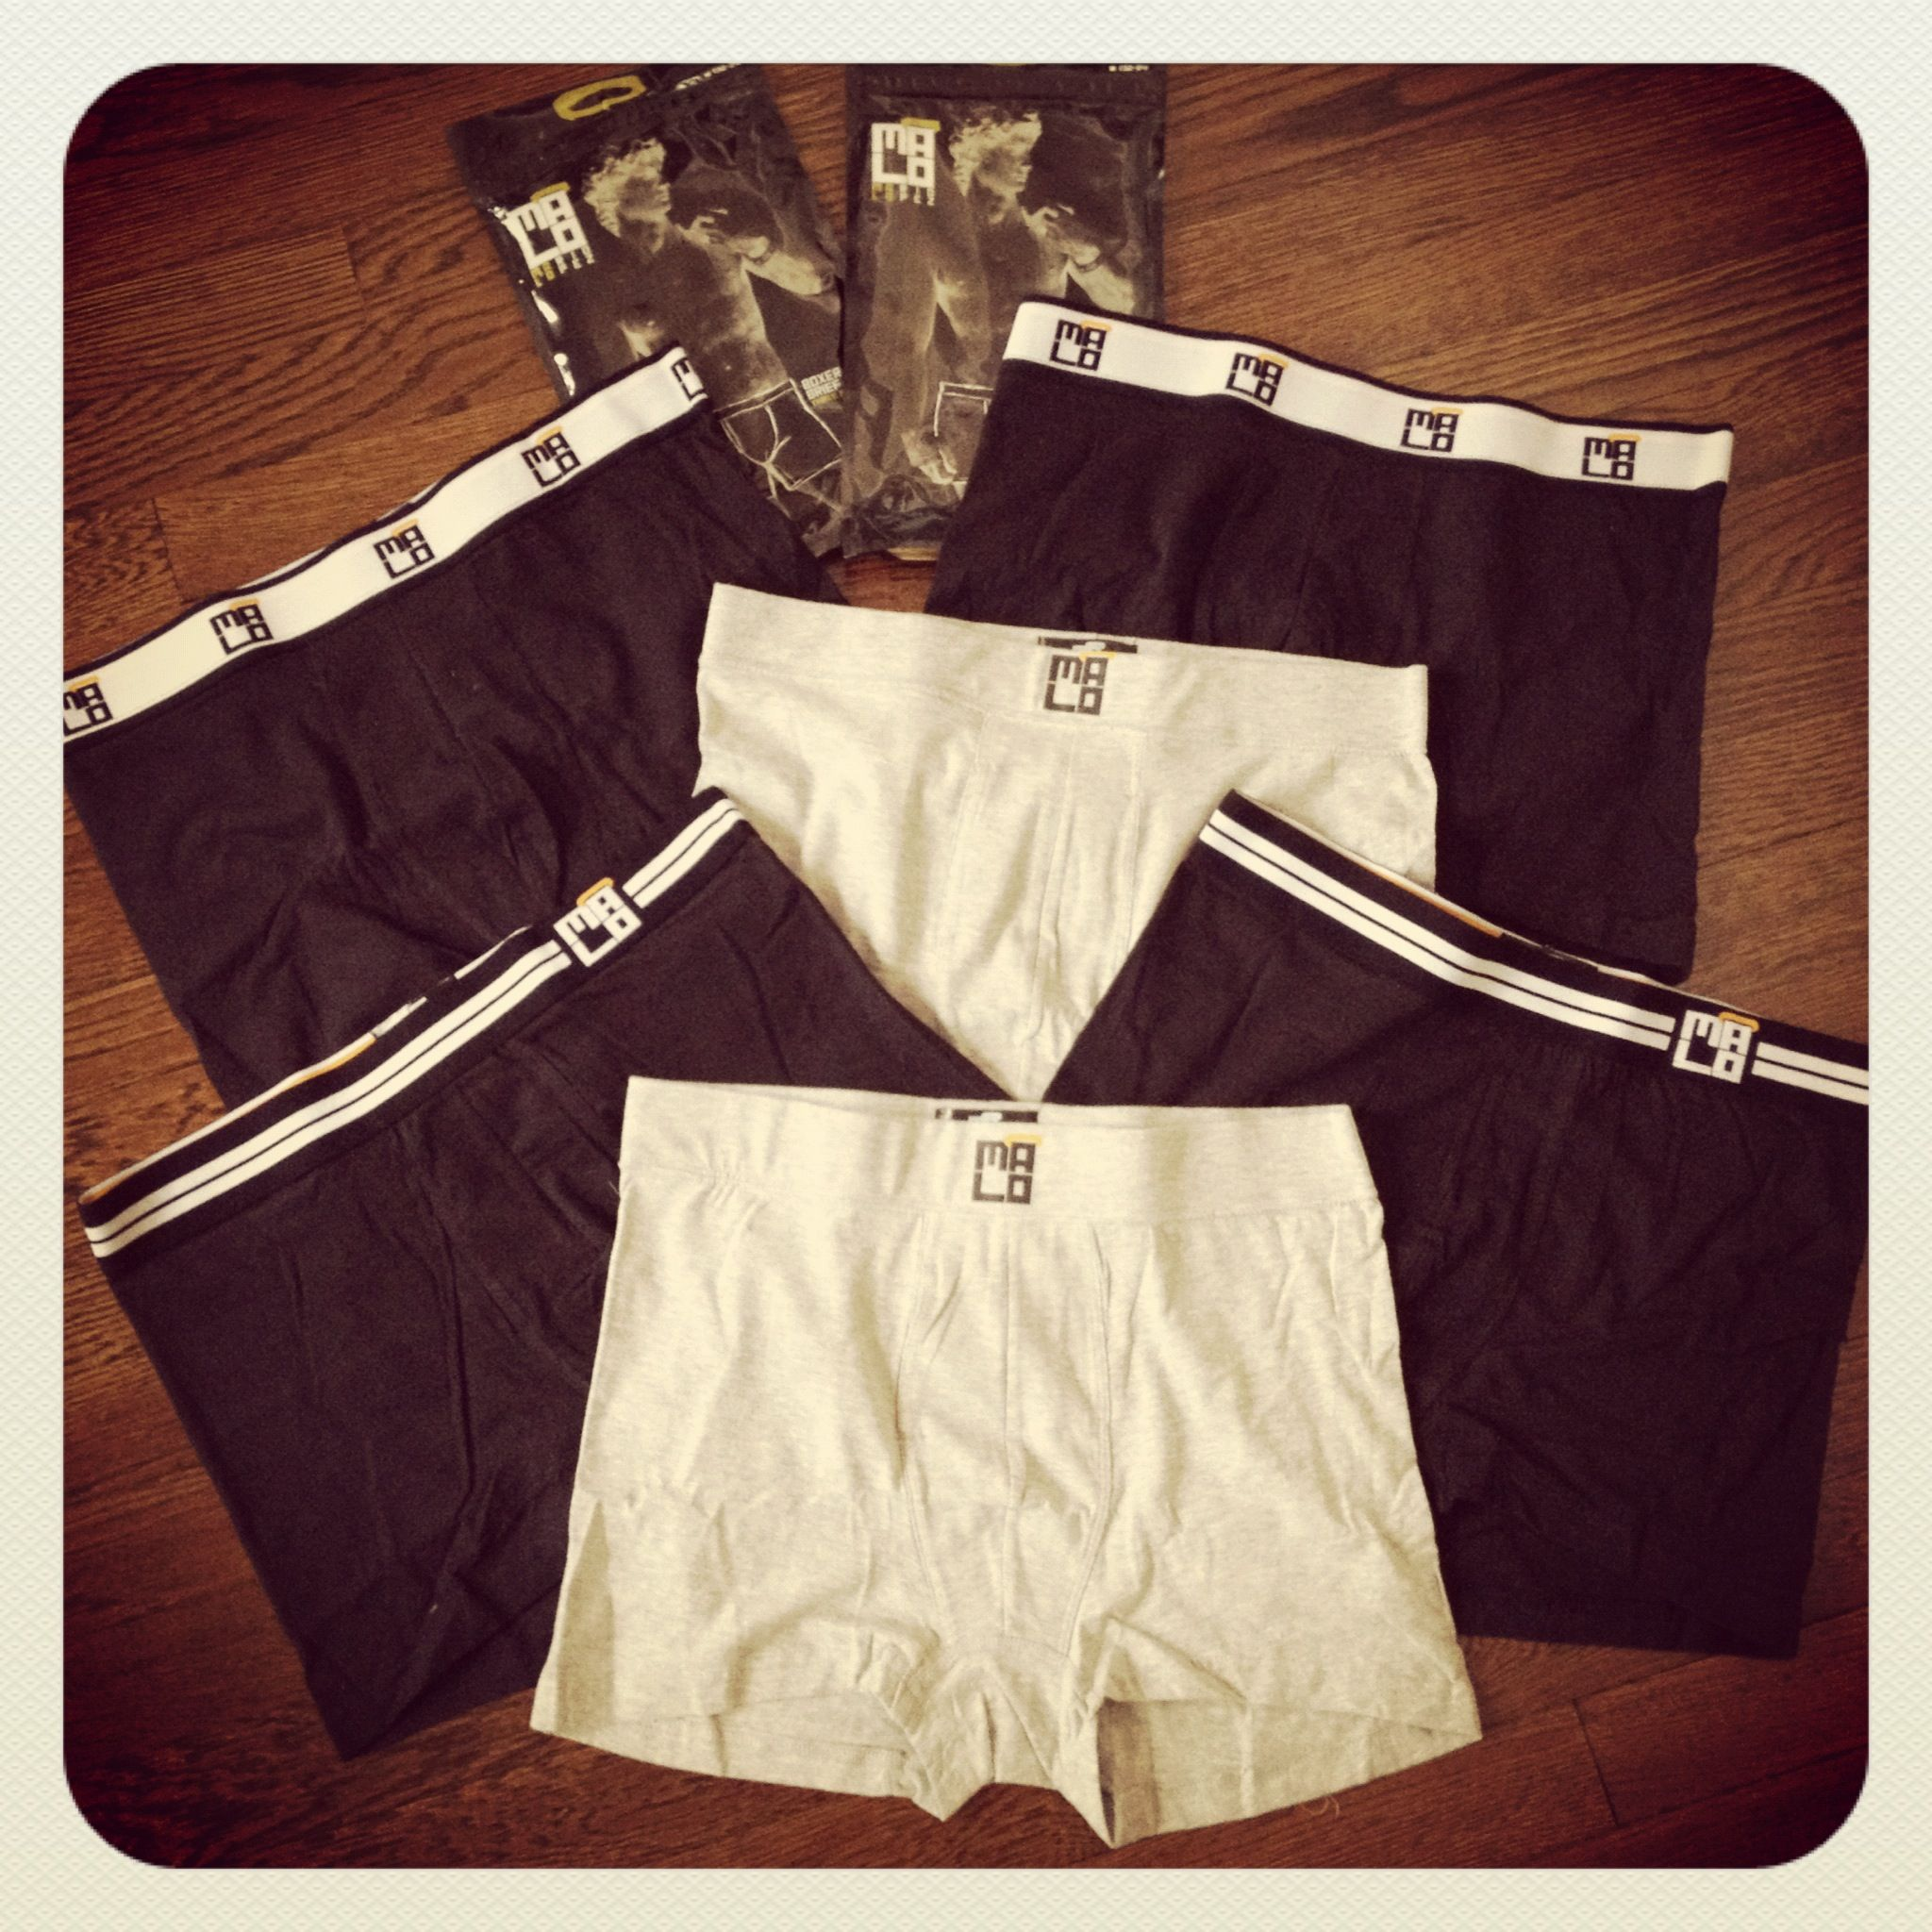 MaLo Underwear Drawer Upgrade #MaLoUnderwear #Cbias